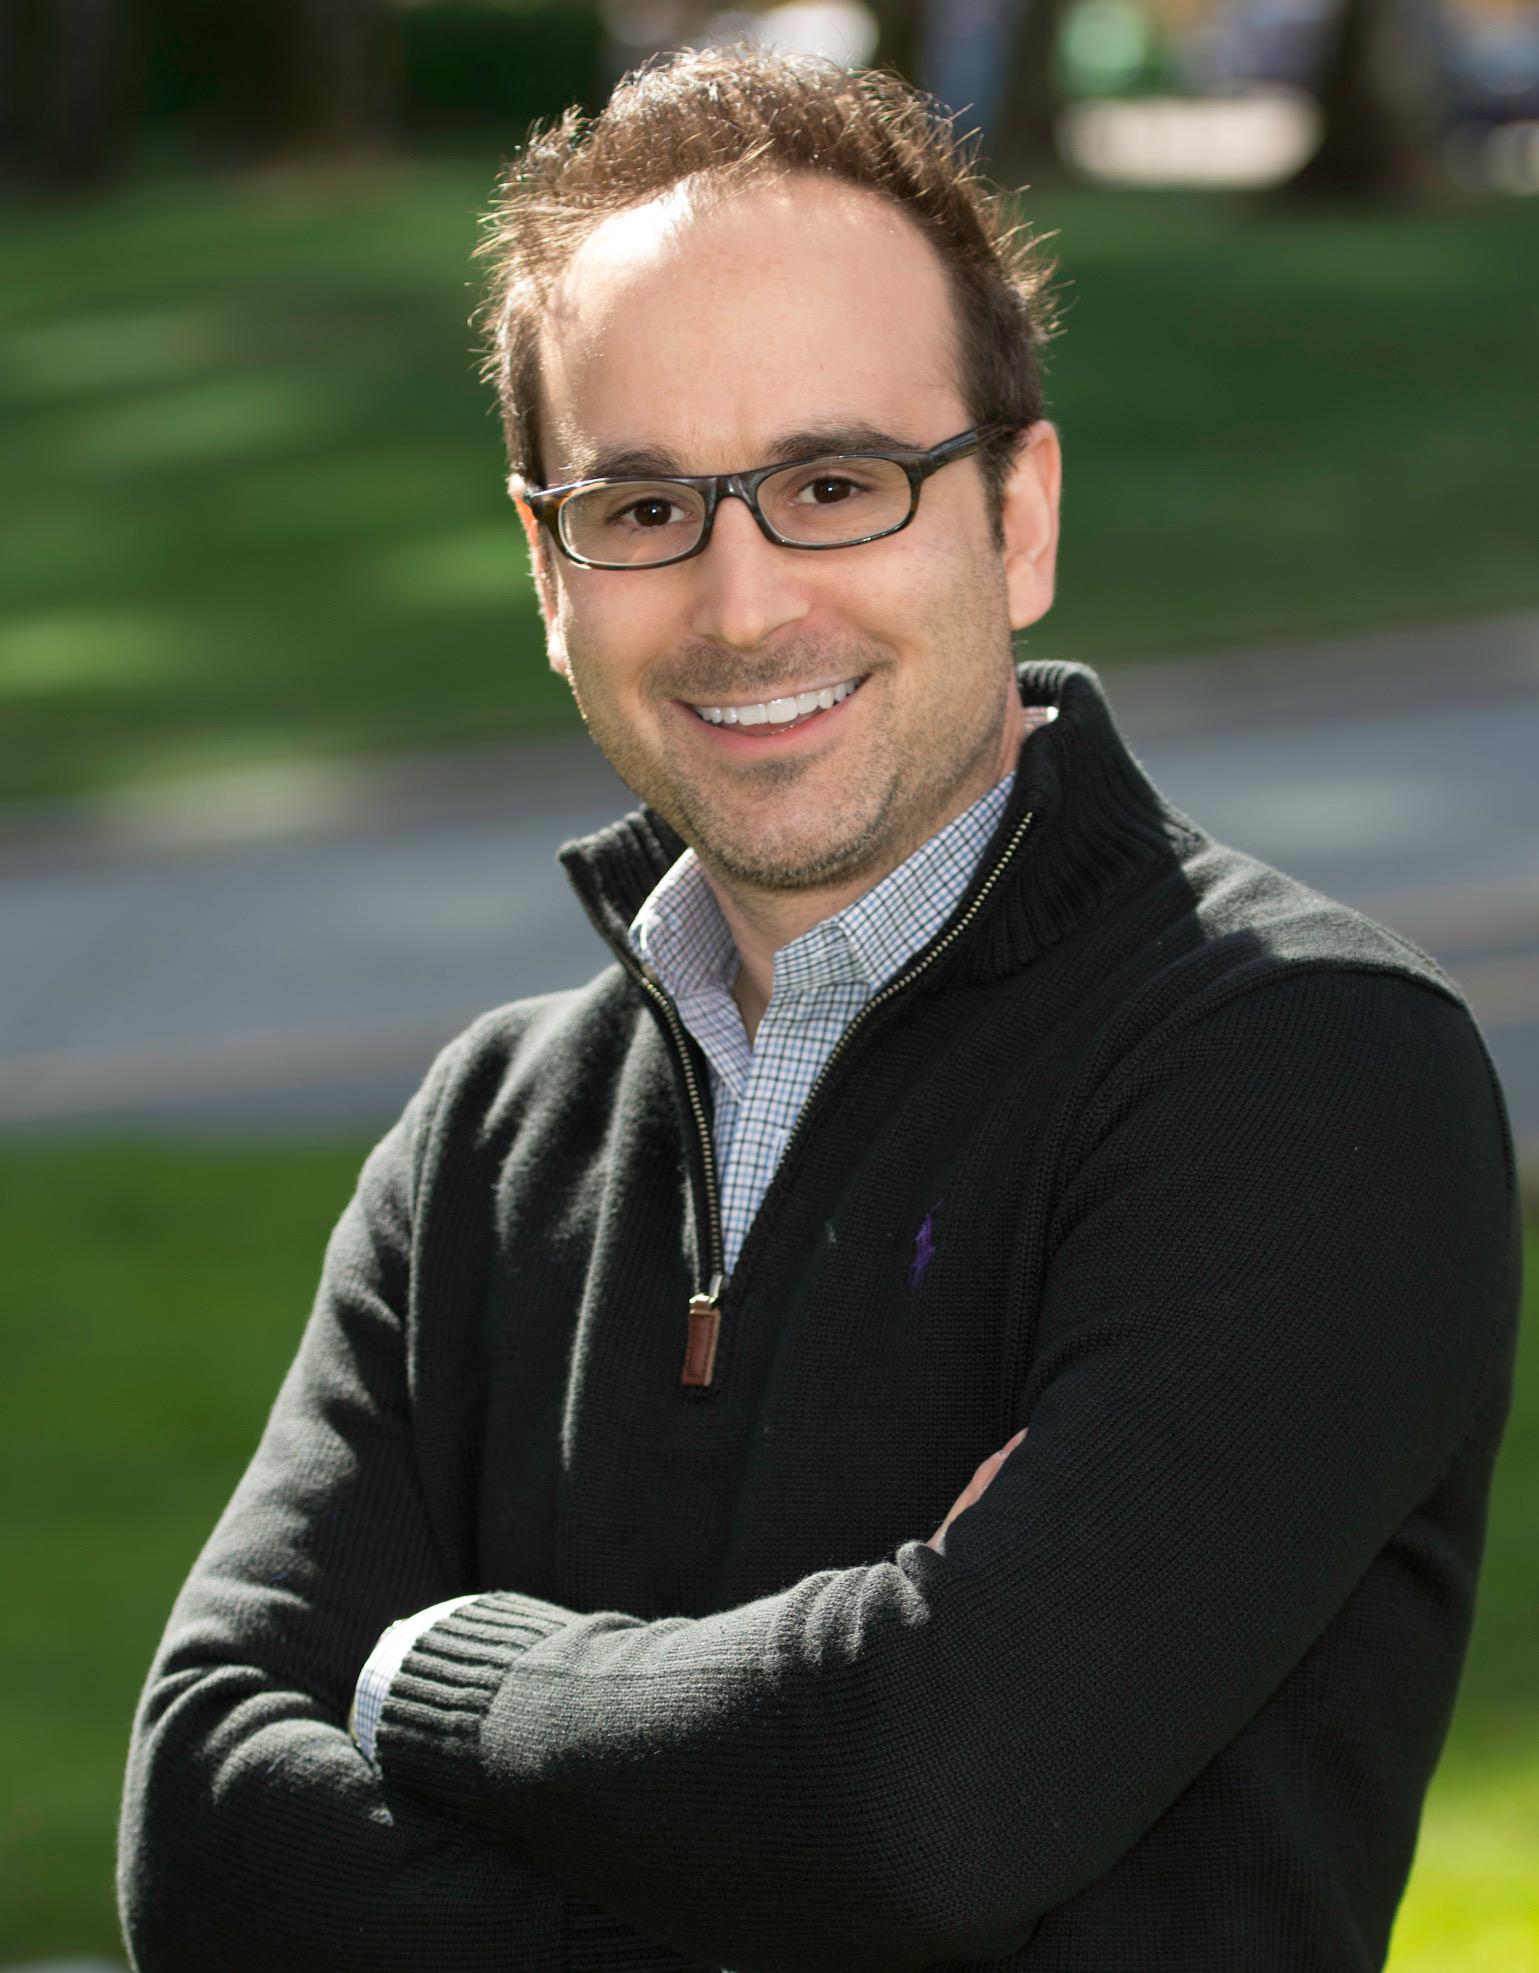 Adam Agensky